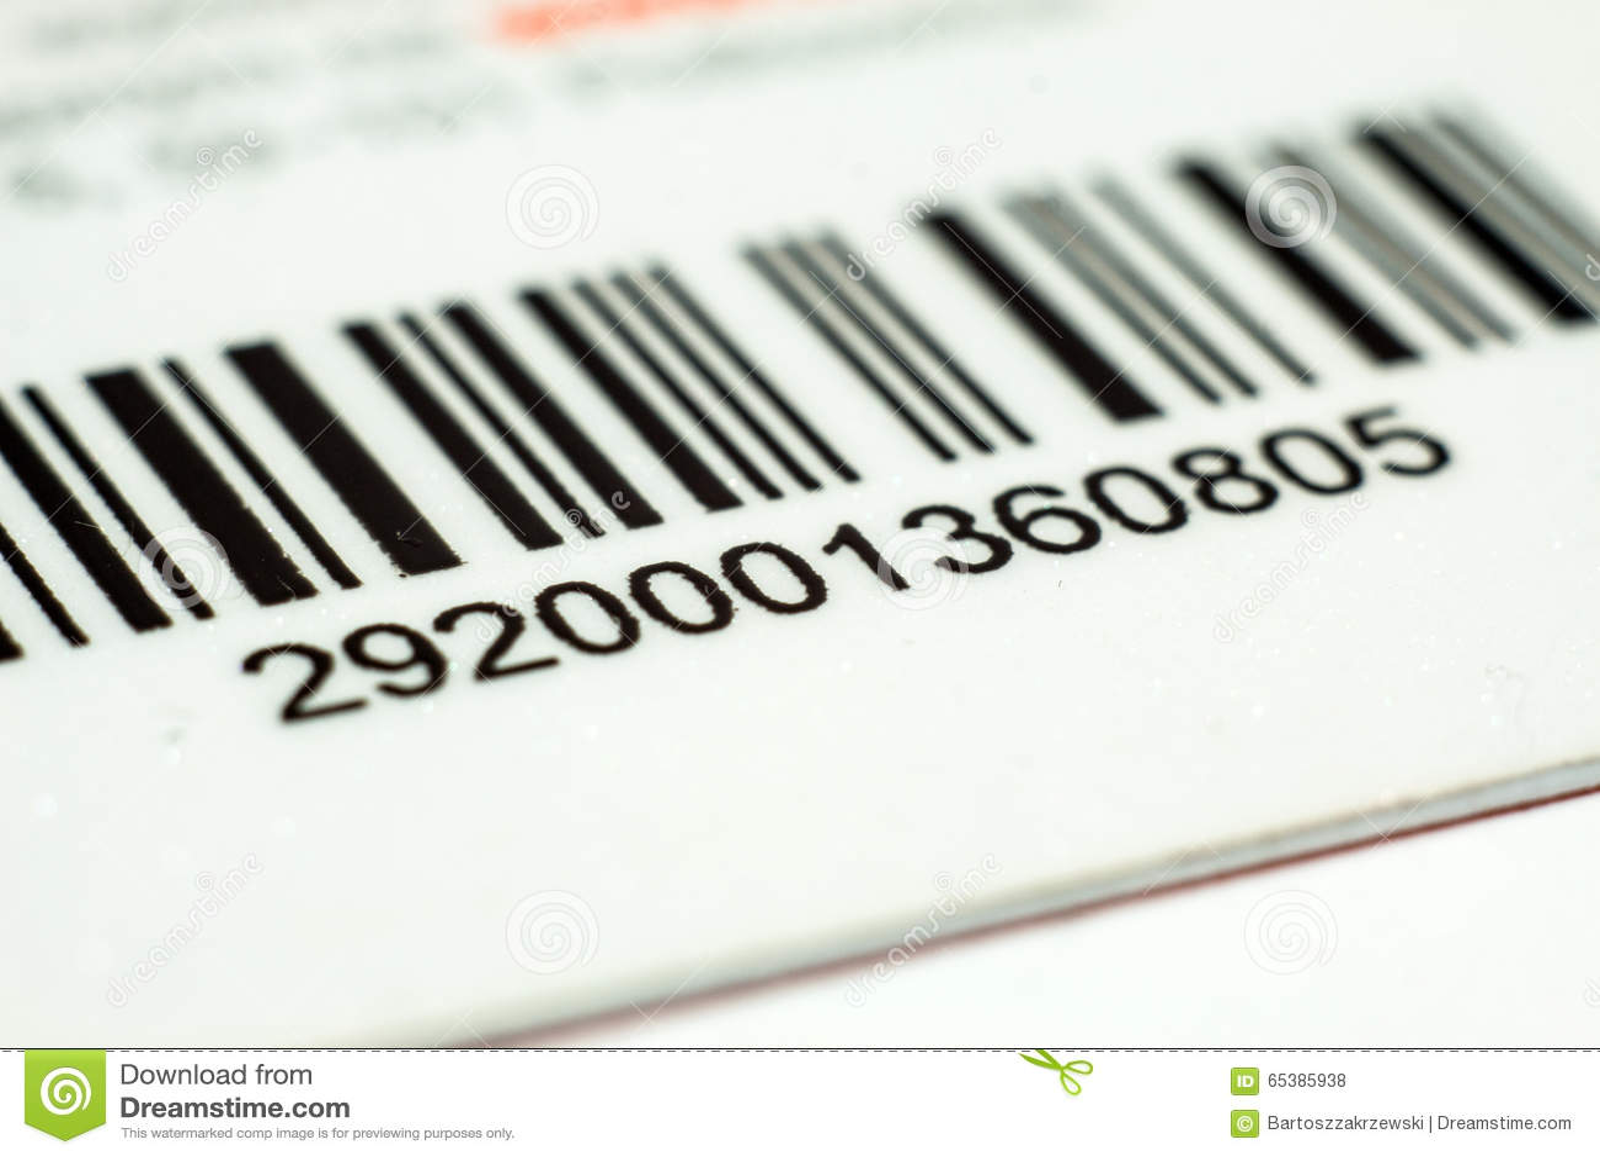 Código de barras - preto e branco